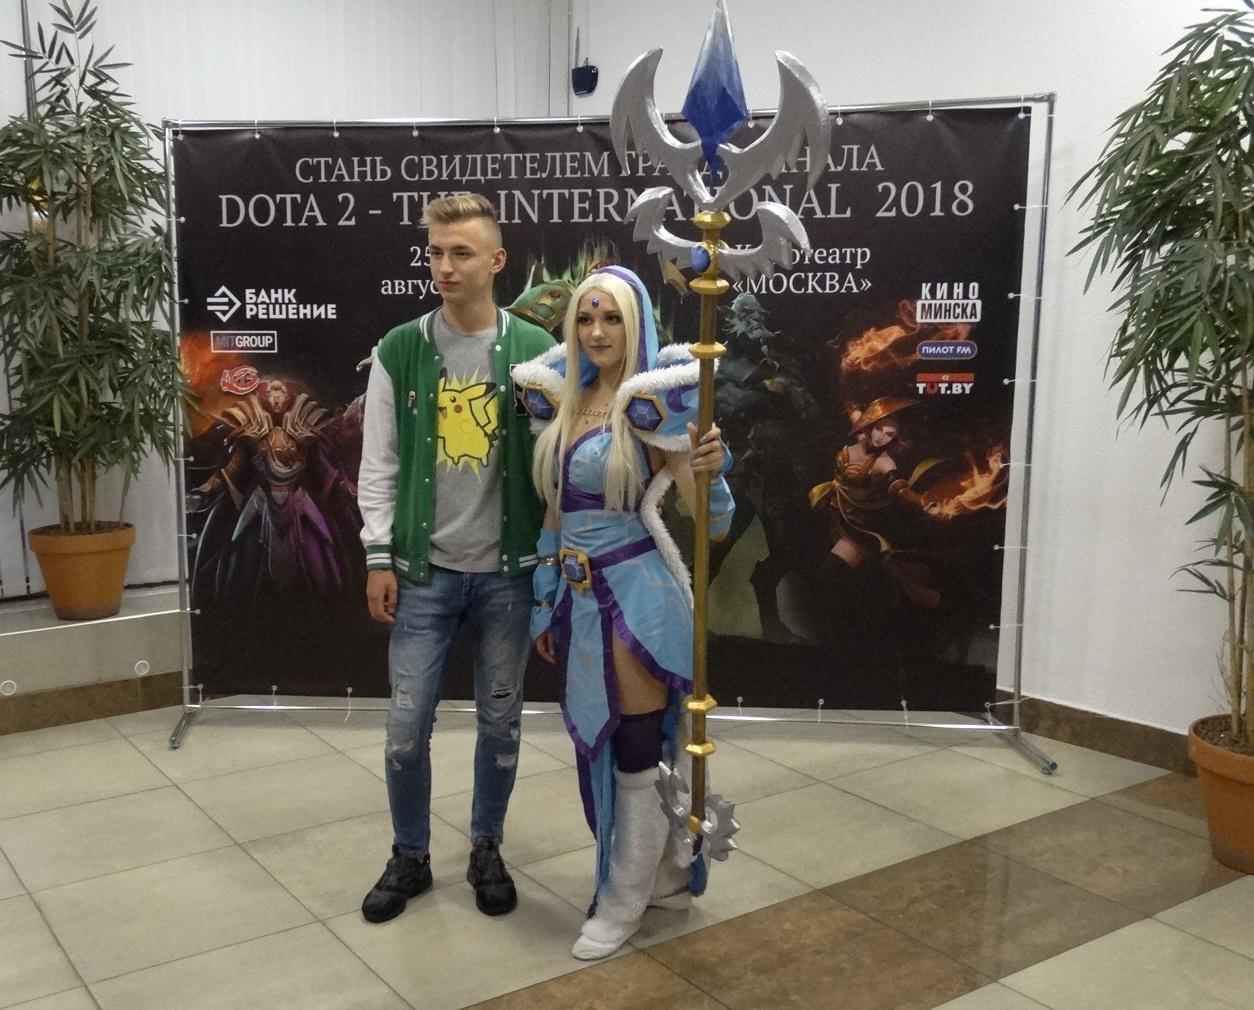 Косплей на героя из Dota 2 — Рилай Фото: Ян ЯКОВЧИК, Павел ШЕВЧЕНКО